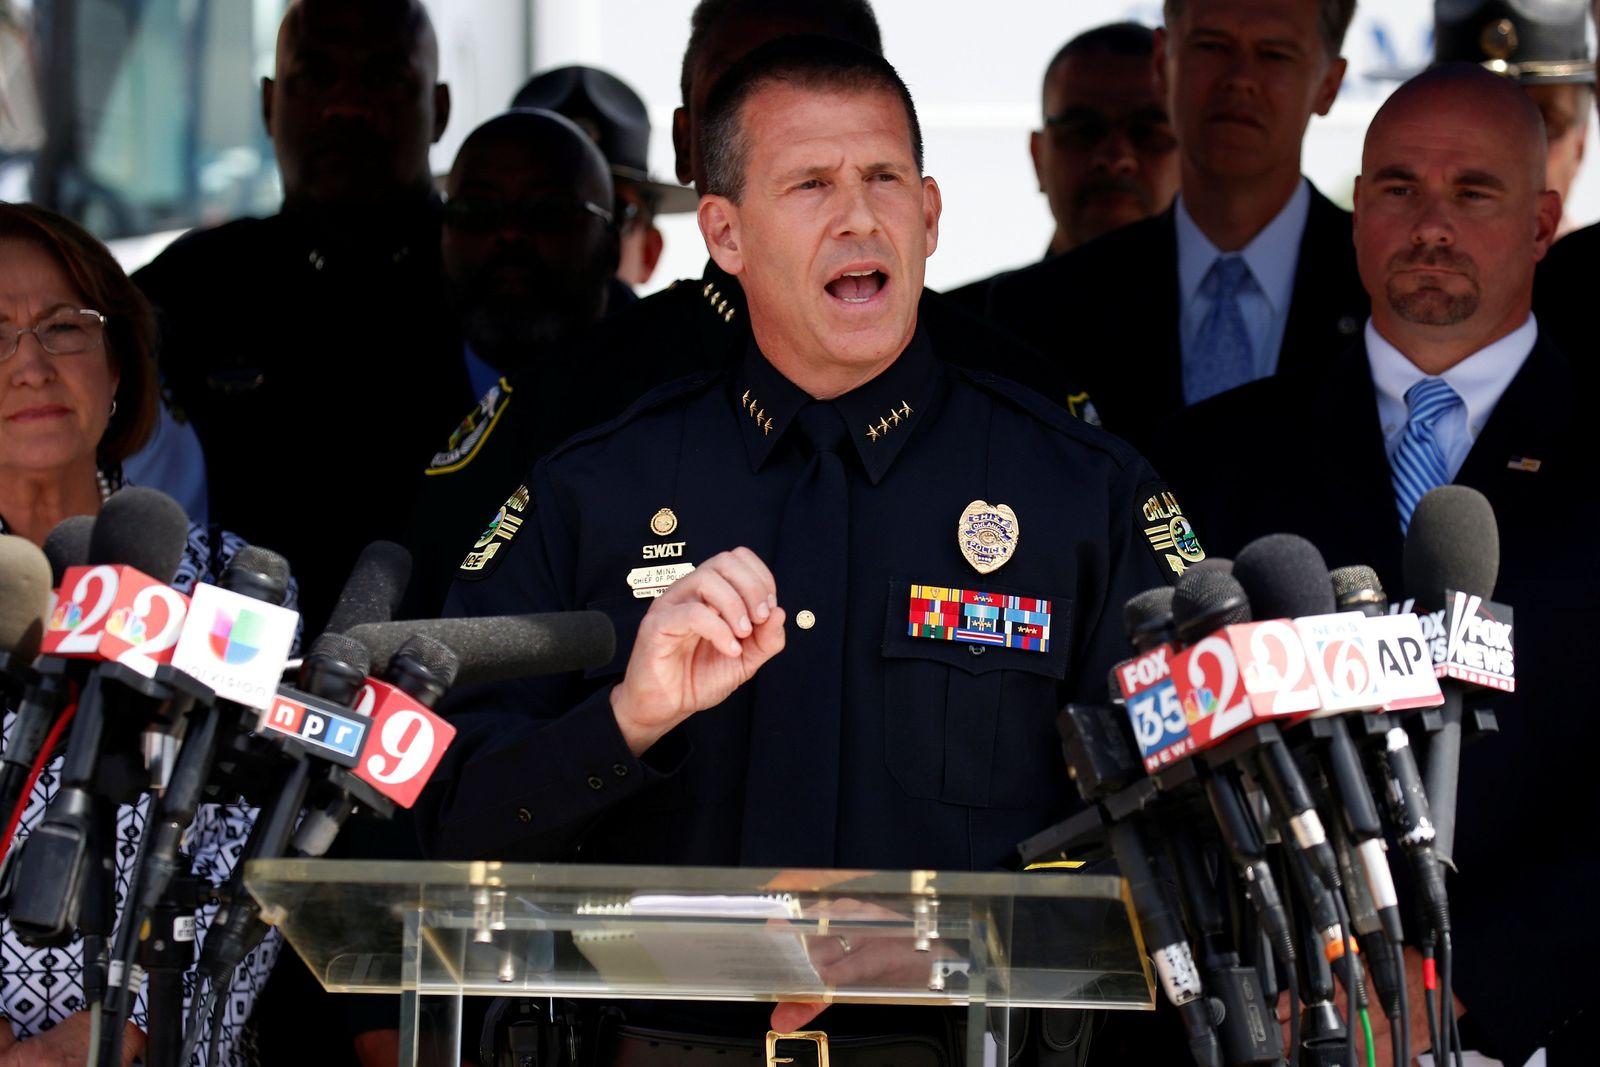 Orlando Polizeichef John Mina